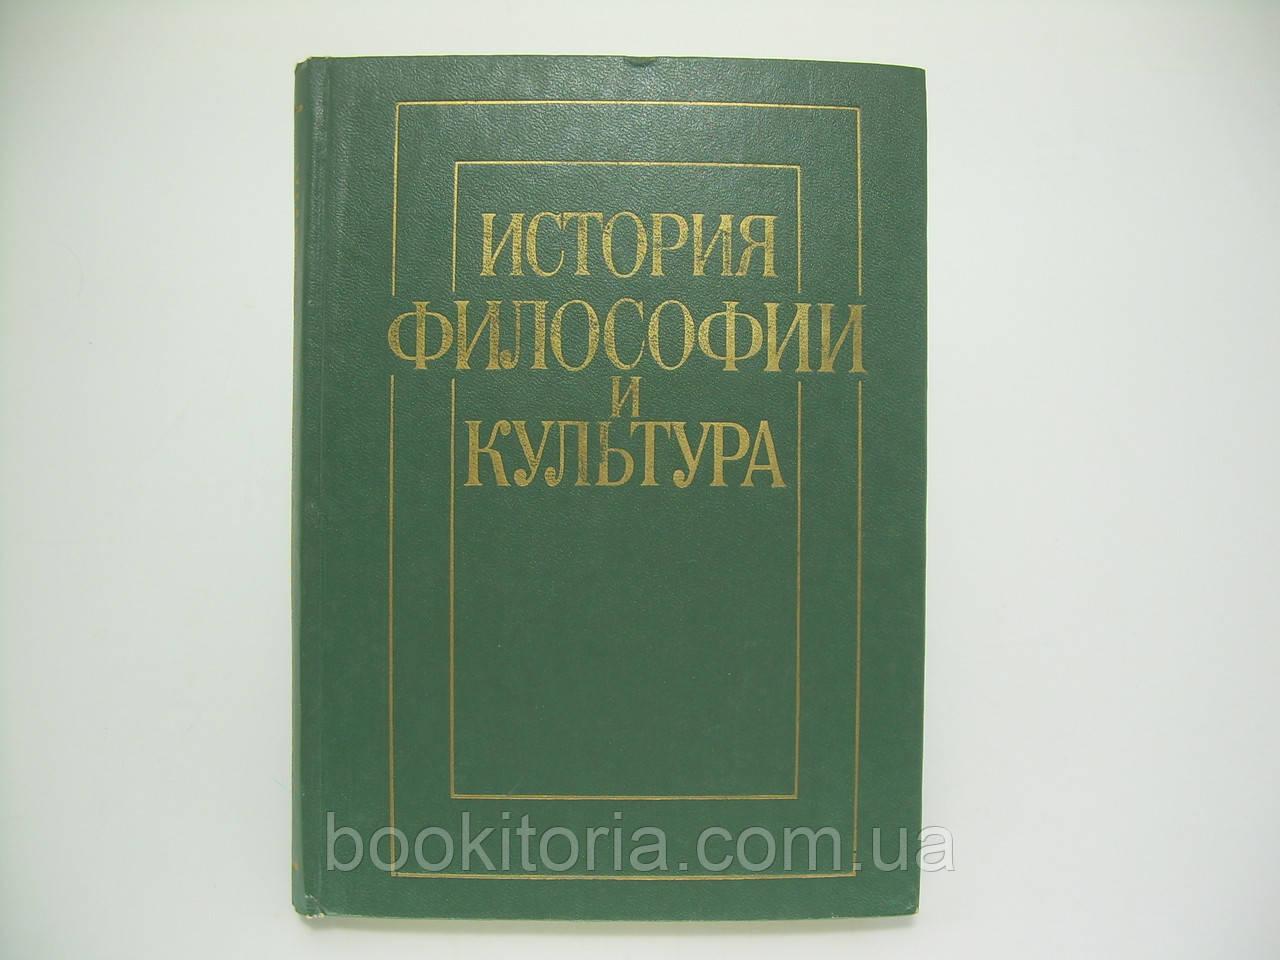 Горский В.С. и др. История философии и культура (б/у).